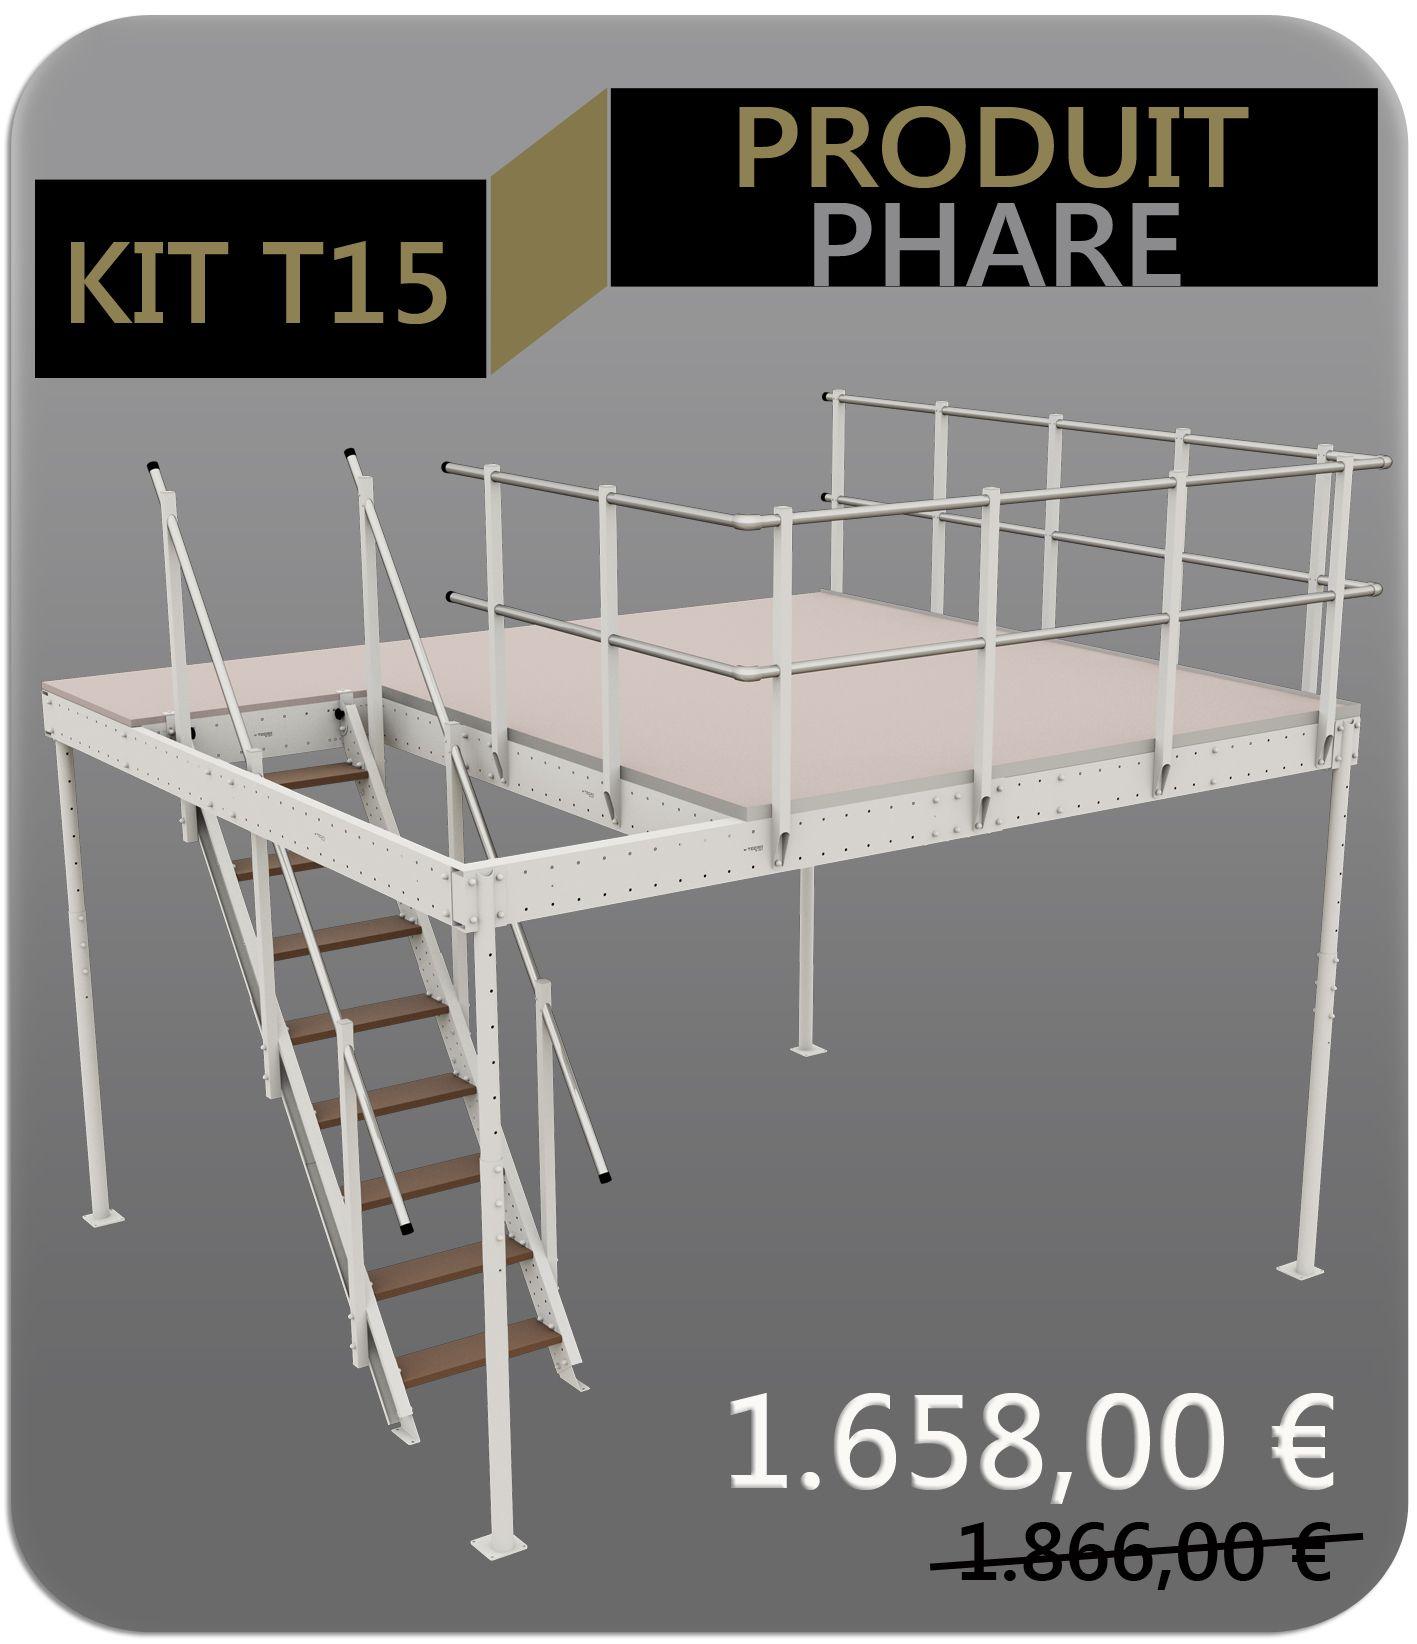 Http Tecrostar Com Epages Ec3416 Sf Fr Fr Viewobjectid 14625133 Amenagement Chambre Deco Interieure Mezzanine